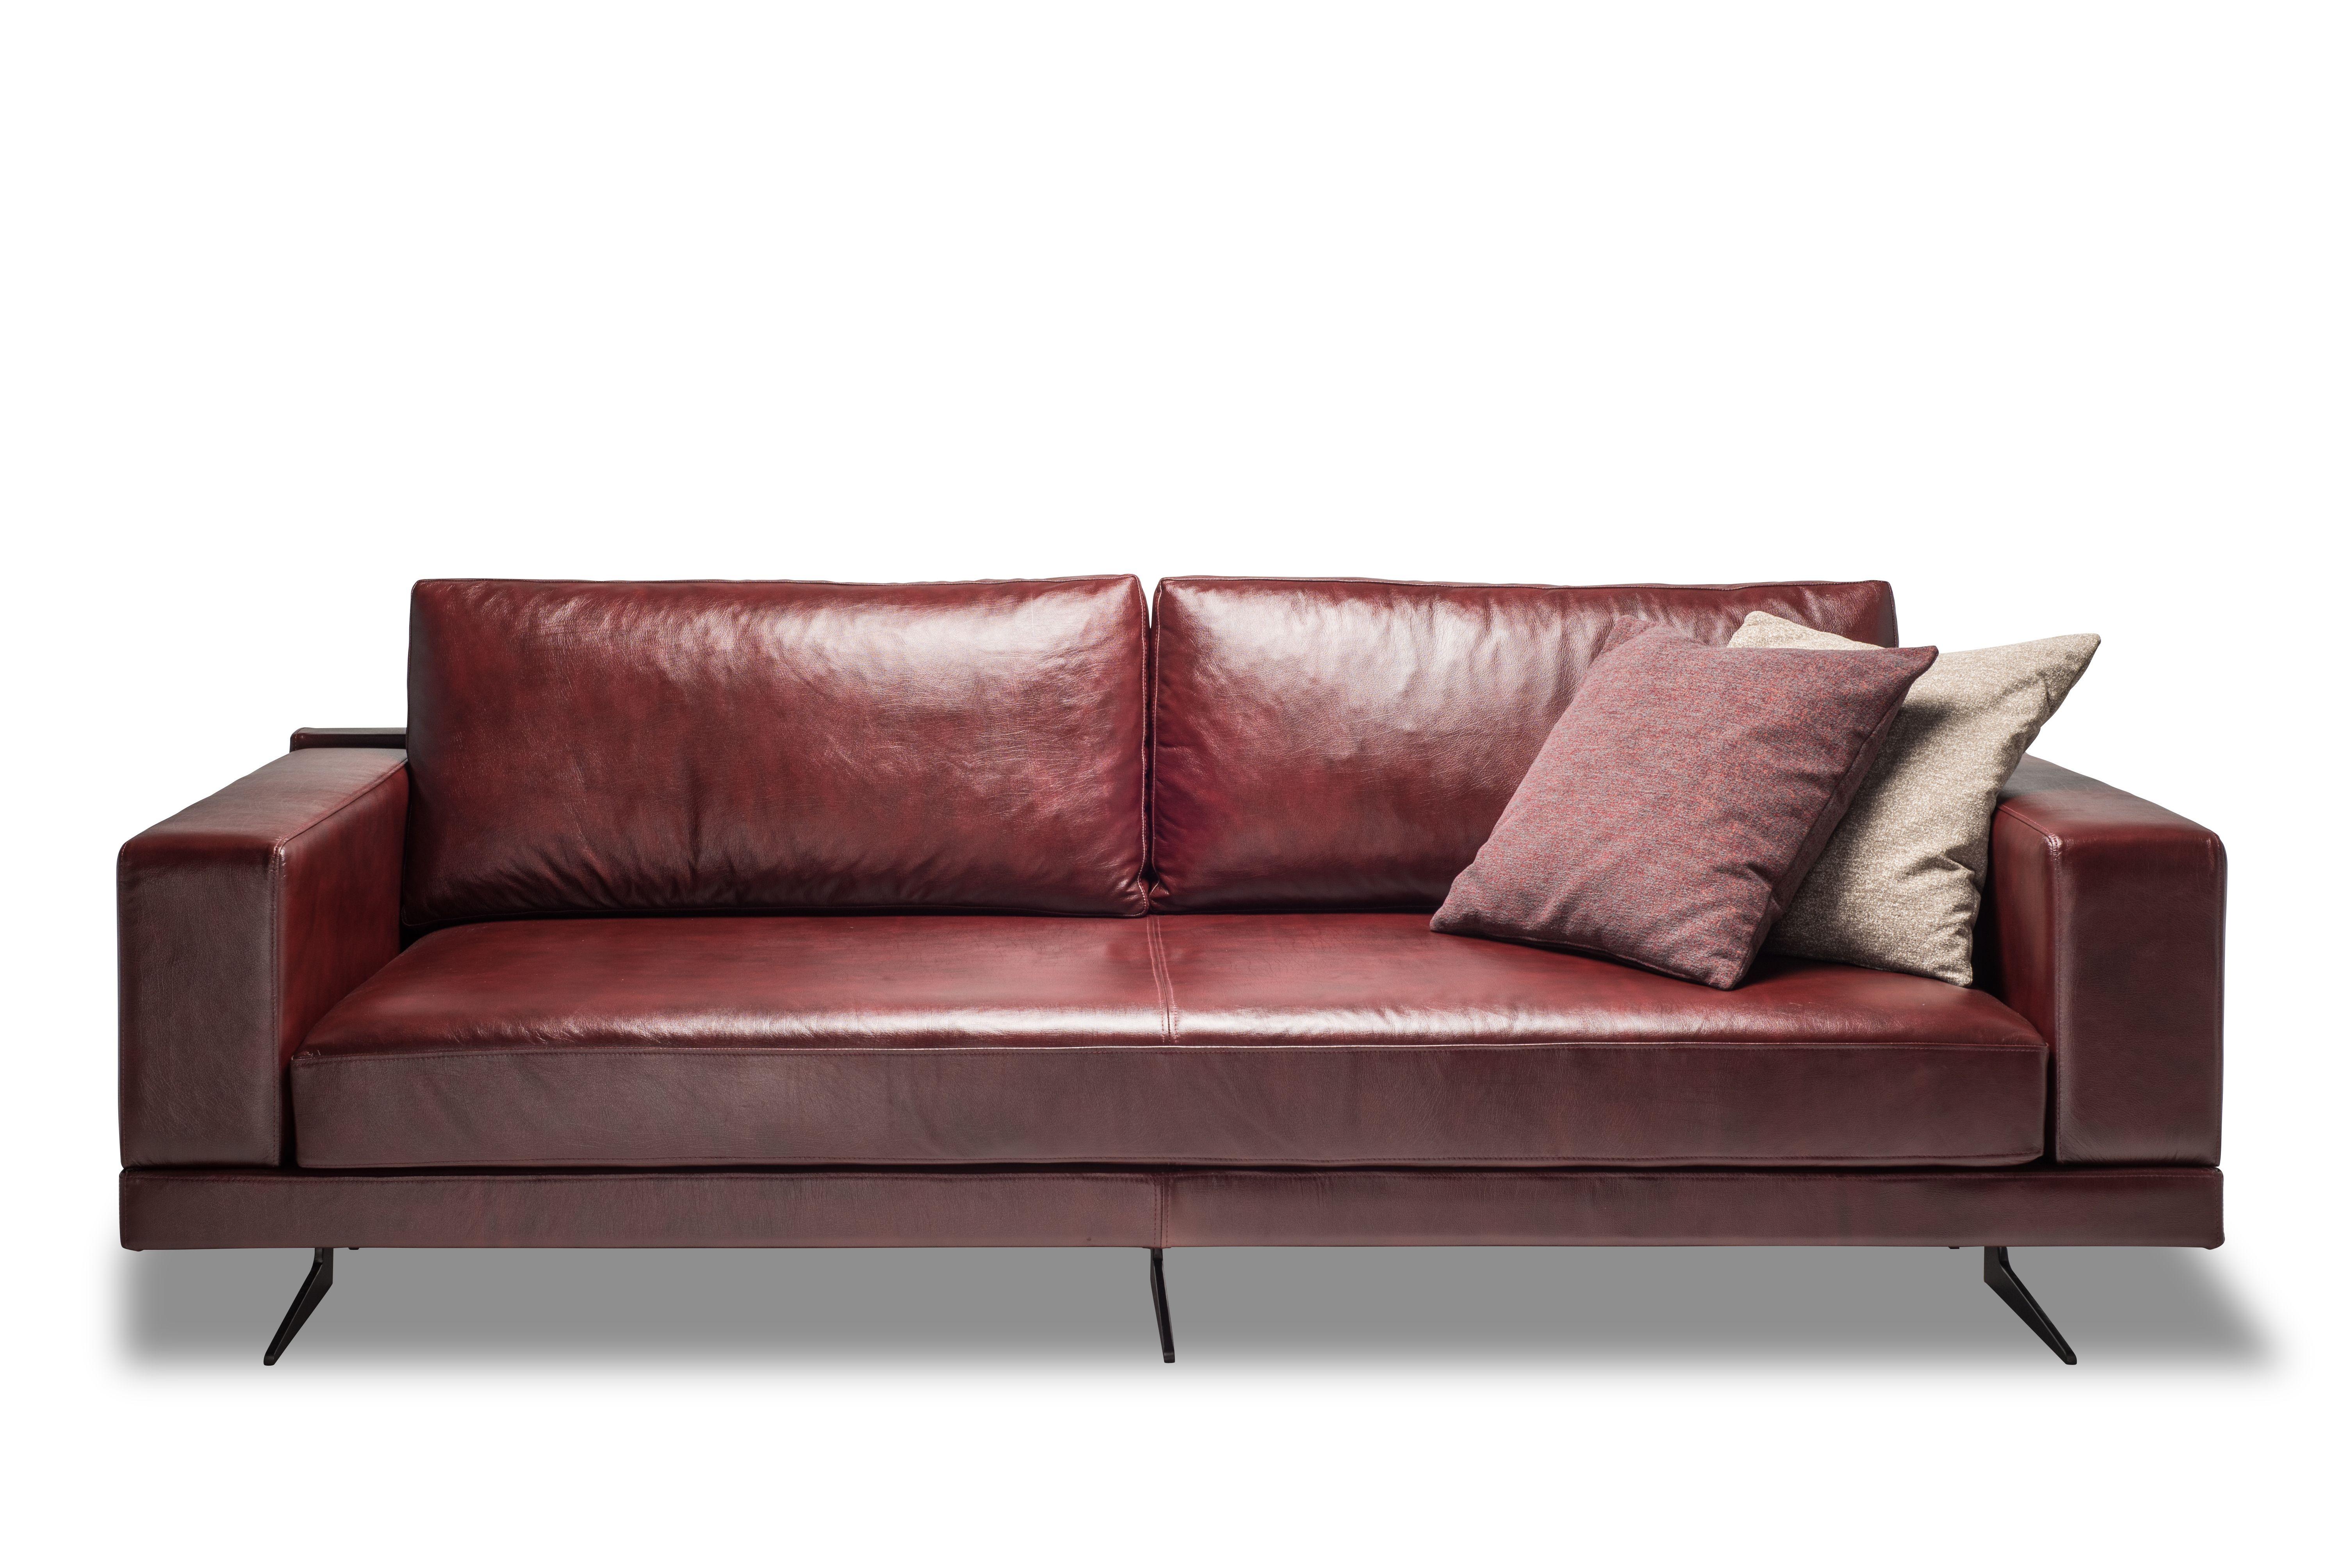 Koltuk Takimlari Macitler Mobilya Deri Koltuk Takimlari Gercek Deri Macitler Orjinal Derikanepe Derioturmagrubu Oturmagr Mobilya Deri Kanepe Furniture